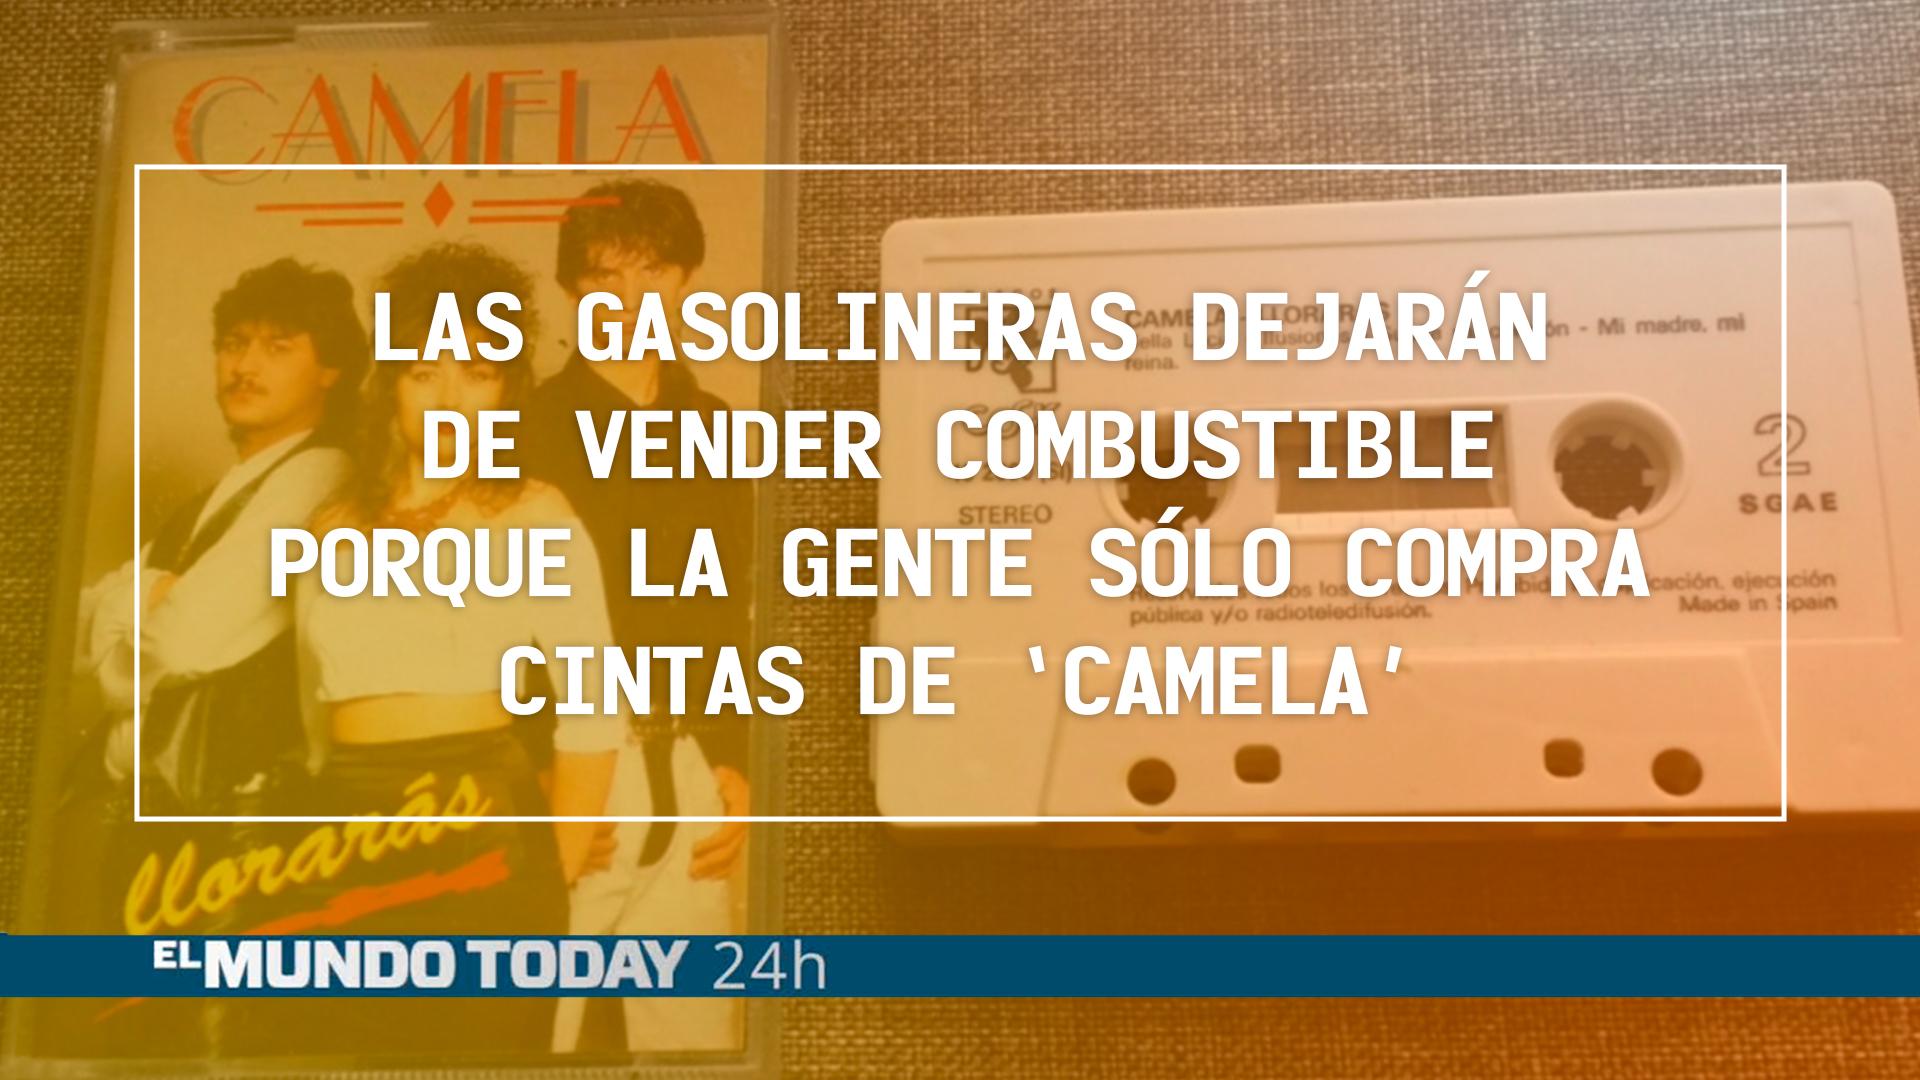 Temporada 1 Las gasolineras dejarán de vender combustible porque la gente sólo compra cintas de 'Camela'